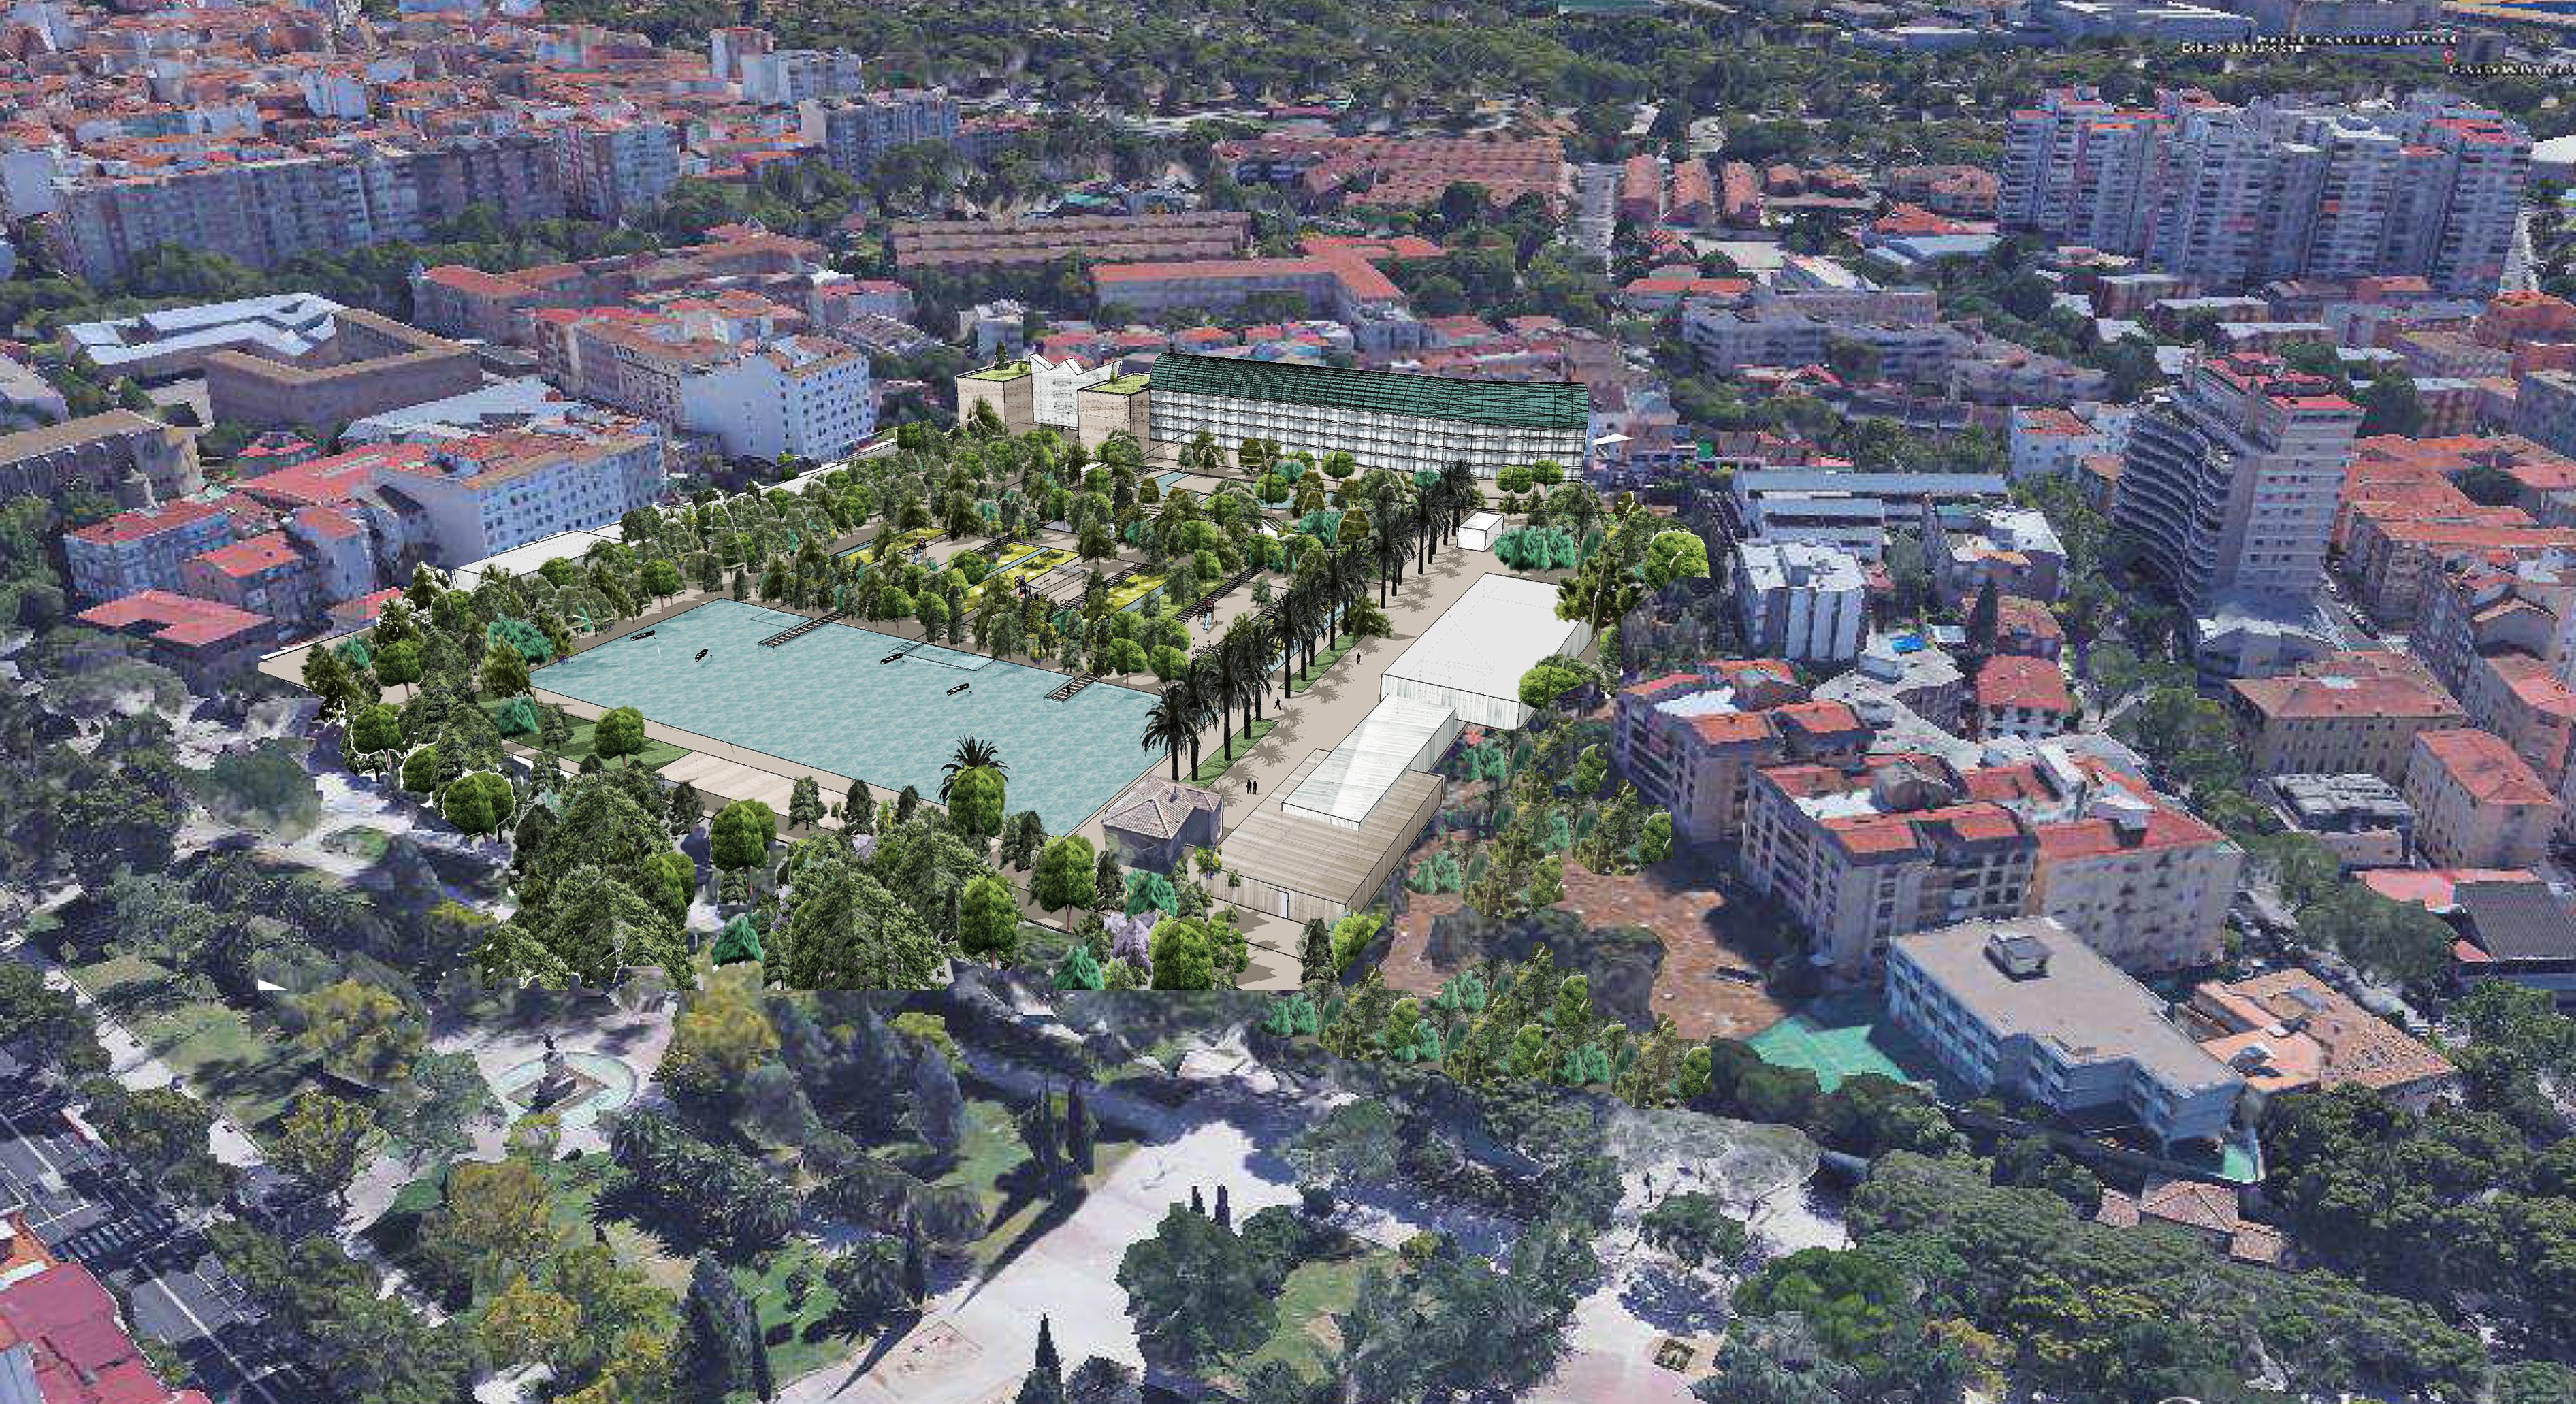 Parque Pignatelli Zaragoza Mapa.Ayuntamiento De Zaragoza Noticias Aprobada Definitivamente